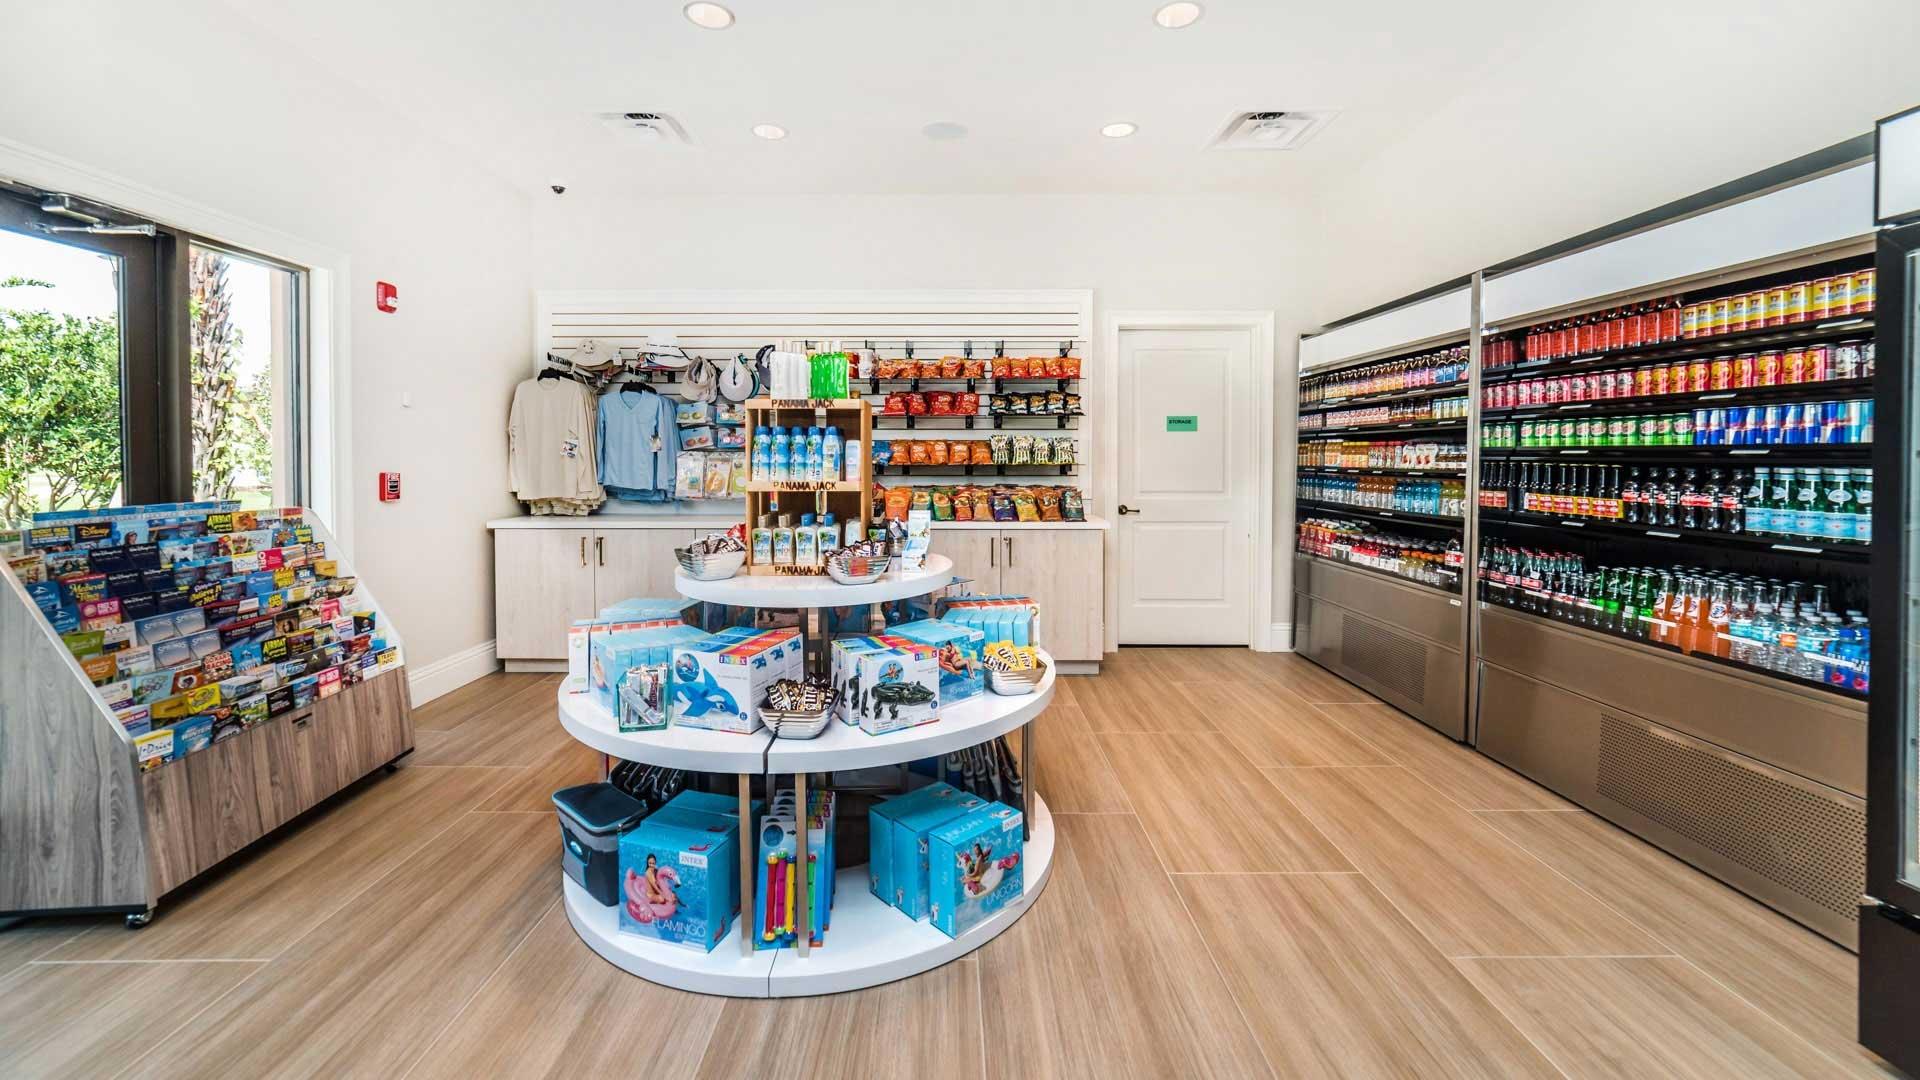 Sundry shop at Solara Resort